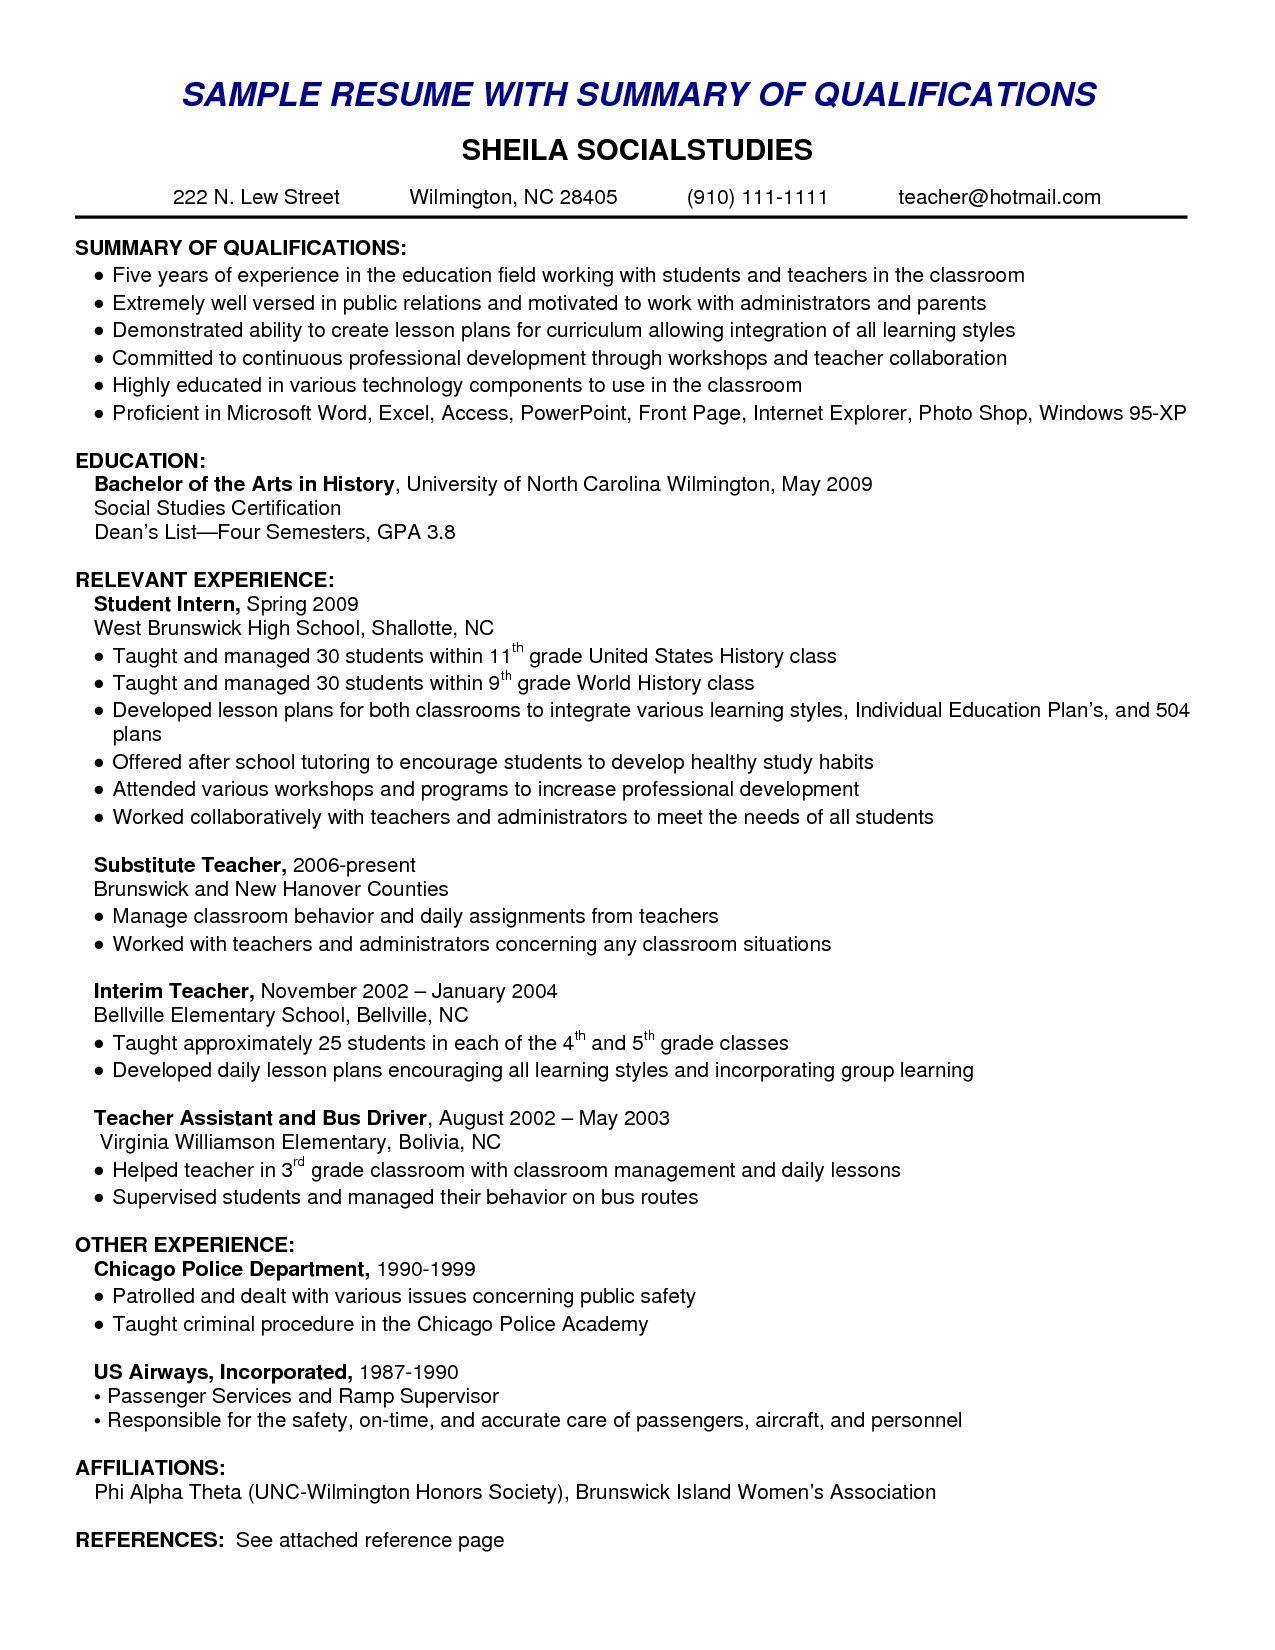 skills summary resume sample